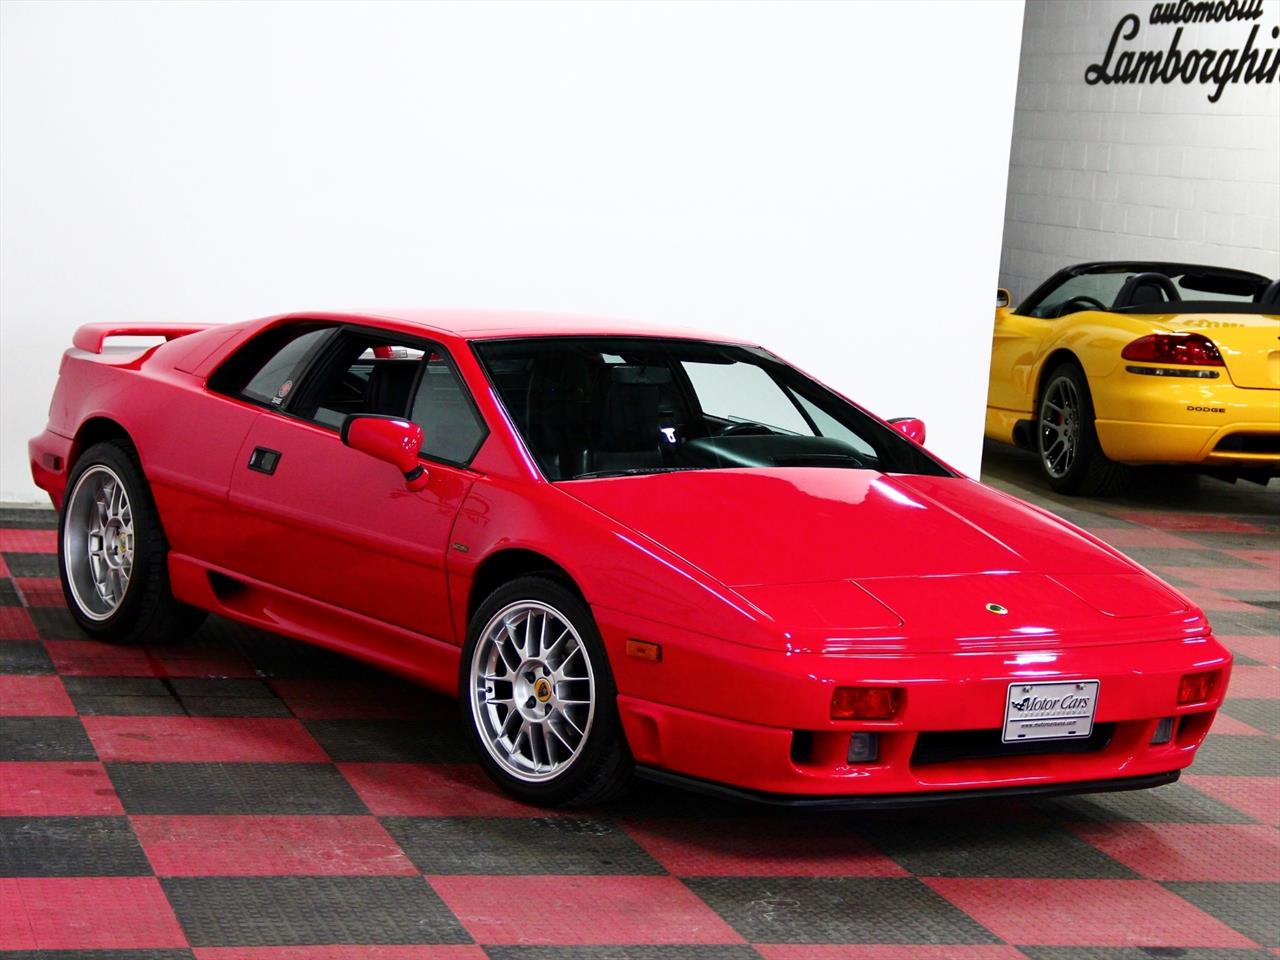 1989 Lotus Esprit Se